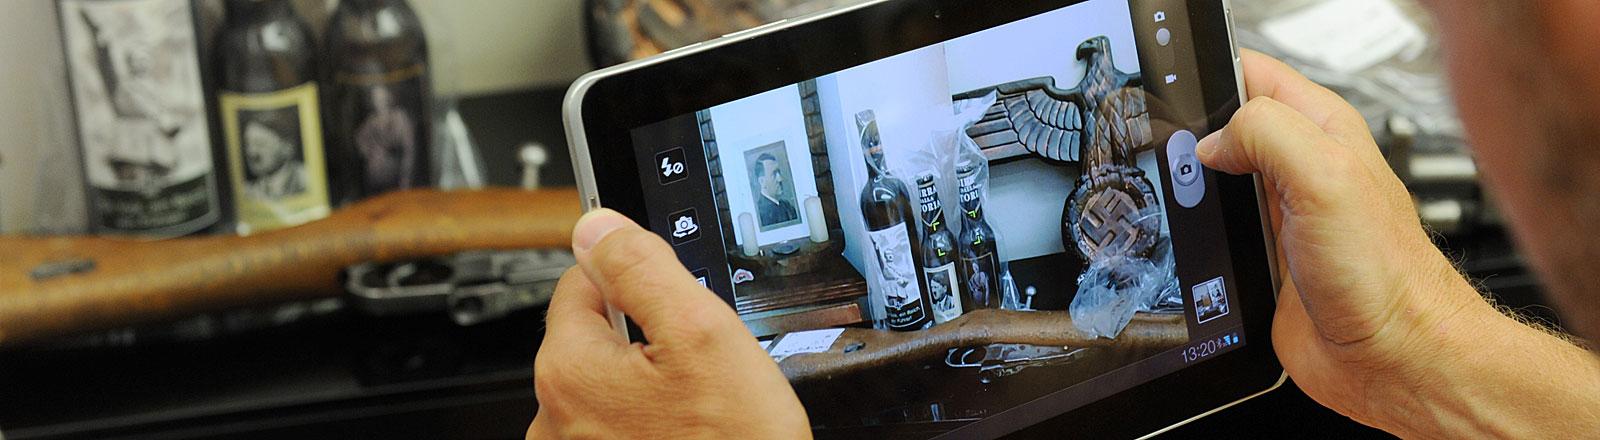 Ein Journalist fotografiert mit einem Tablet-PC beschlagnahmte Waffen, Propagandamaterial und Nazi-Devotionalien.